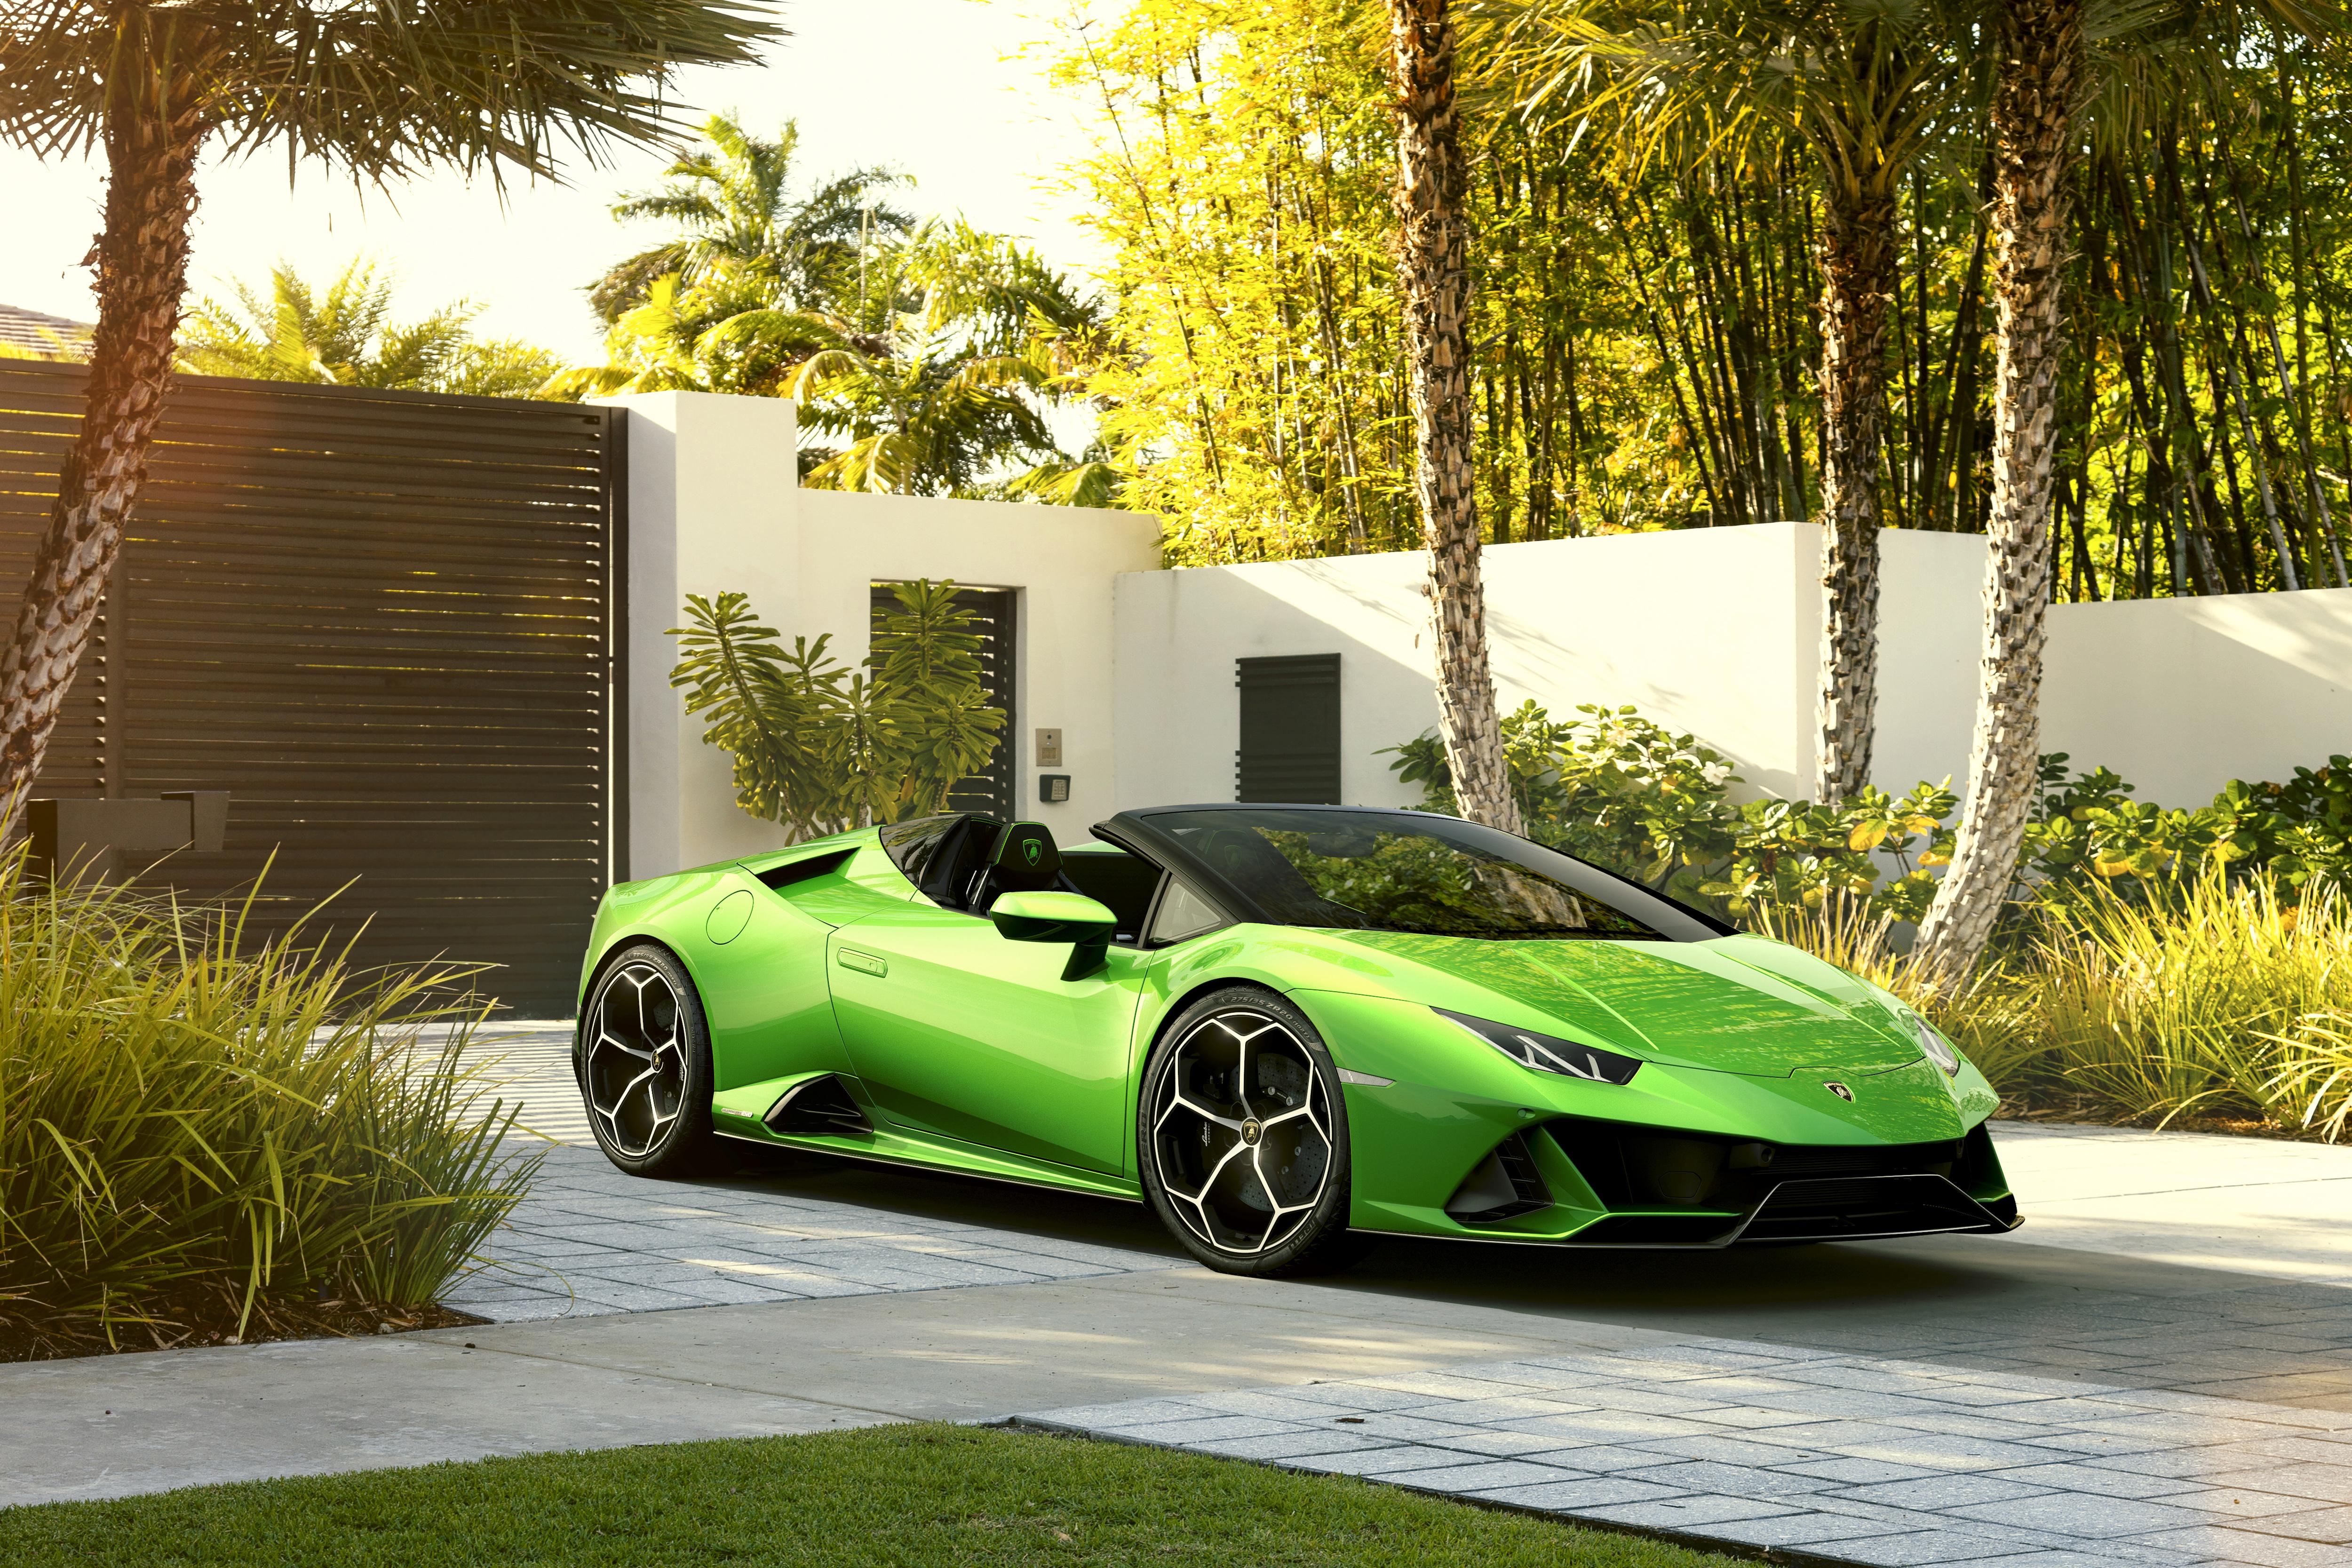 Фотографии Lamborghini 2019 Huracan EVO Spyder Родстер салатовая Металлик Автомобили 5000x3333 Ламборгини Салатовый салатовые желто зеленый авто машина машины автомобиль